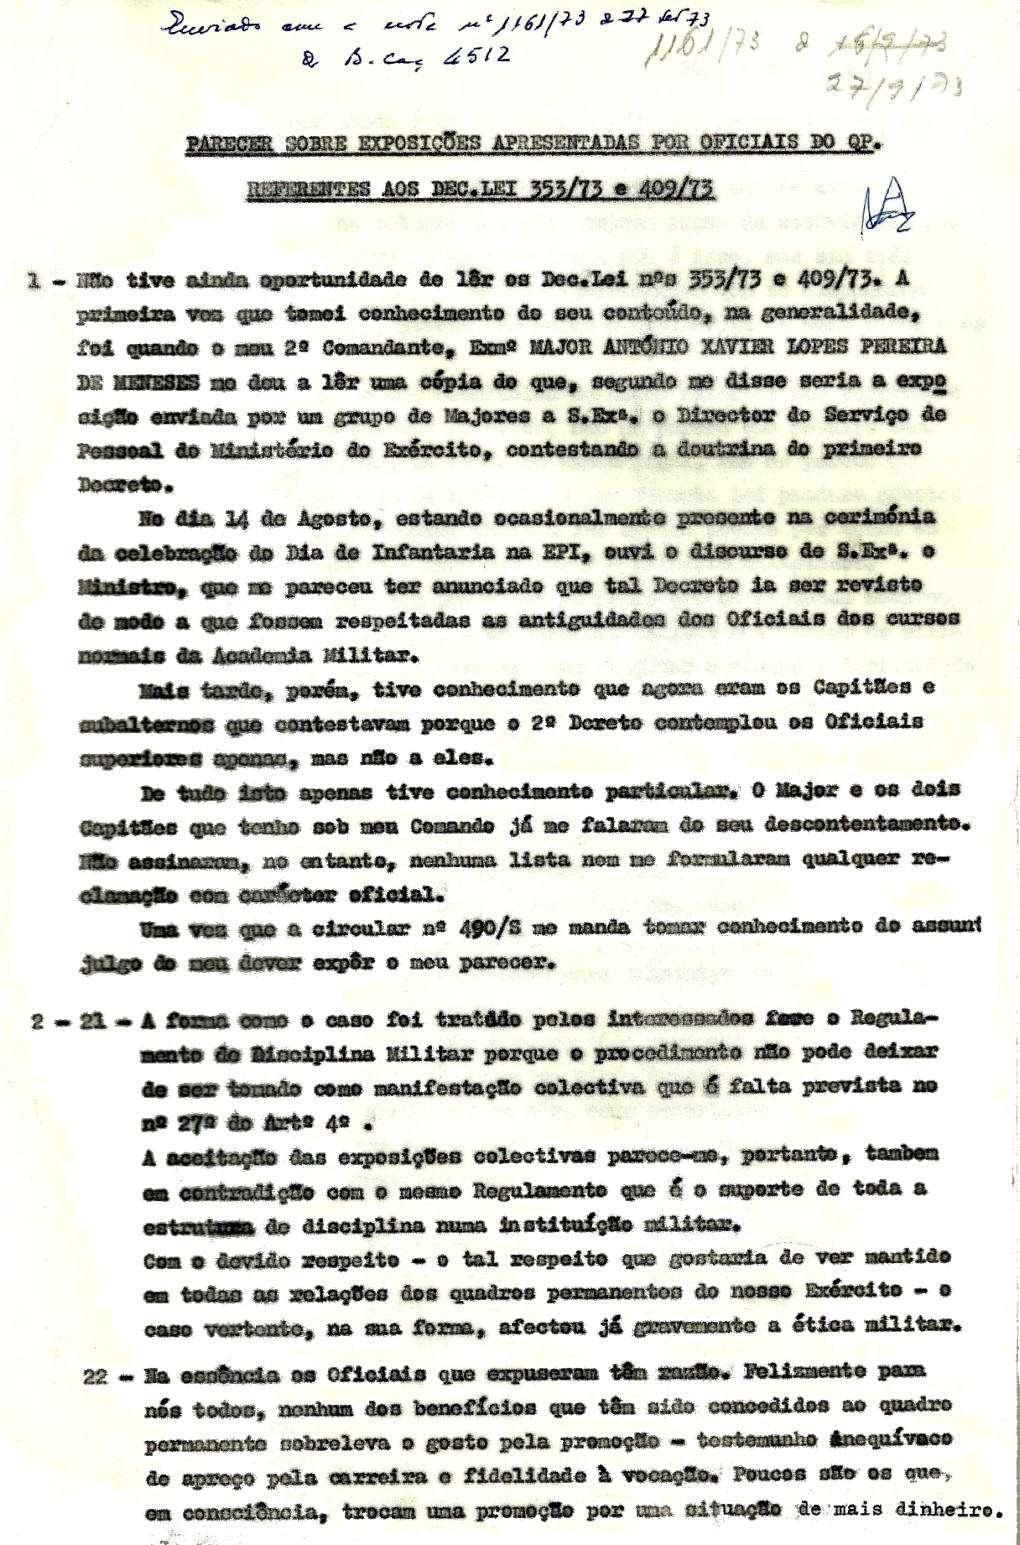 Cor António Vaz Antunes: Parecer sobre exposições apresentadas por Oficiais do QP (DL353 e 409/73)   Pagina10